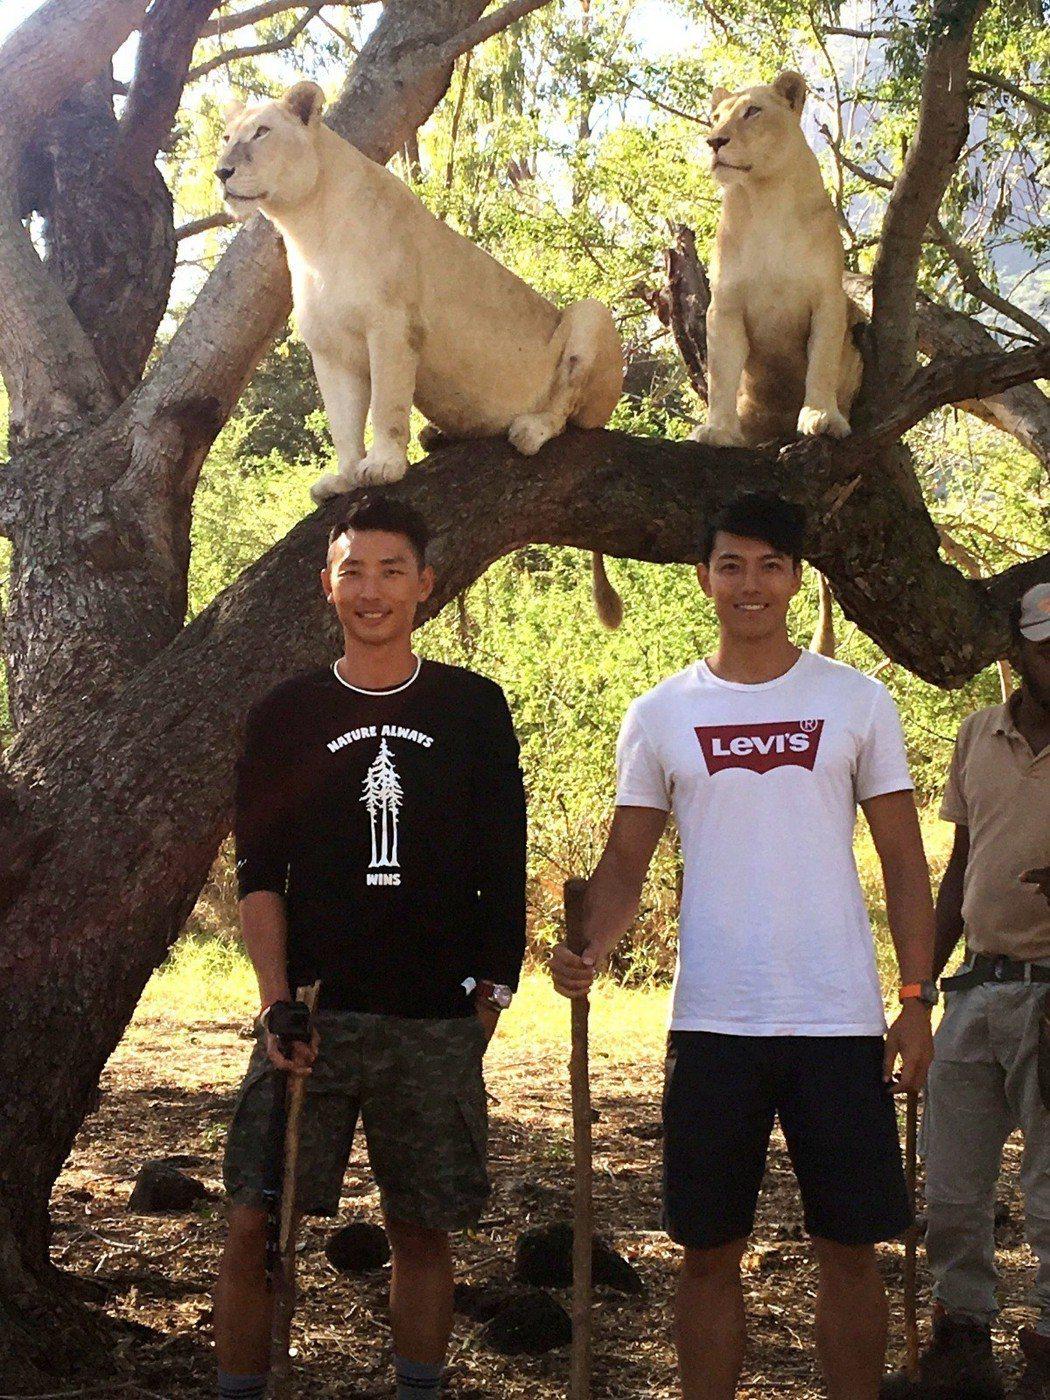 賴東賢和賴俊龍跟獅子合照。圖/三立提供